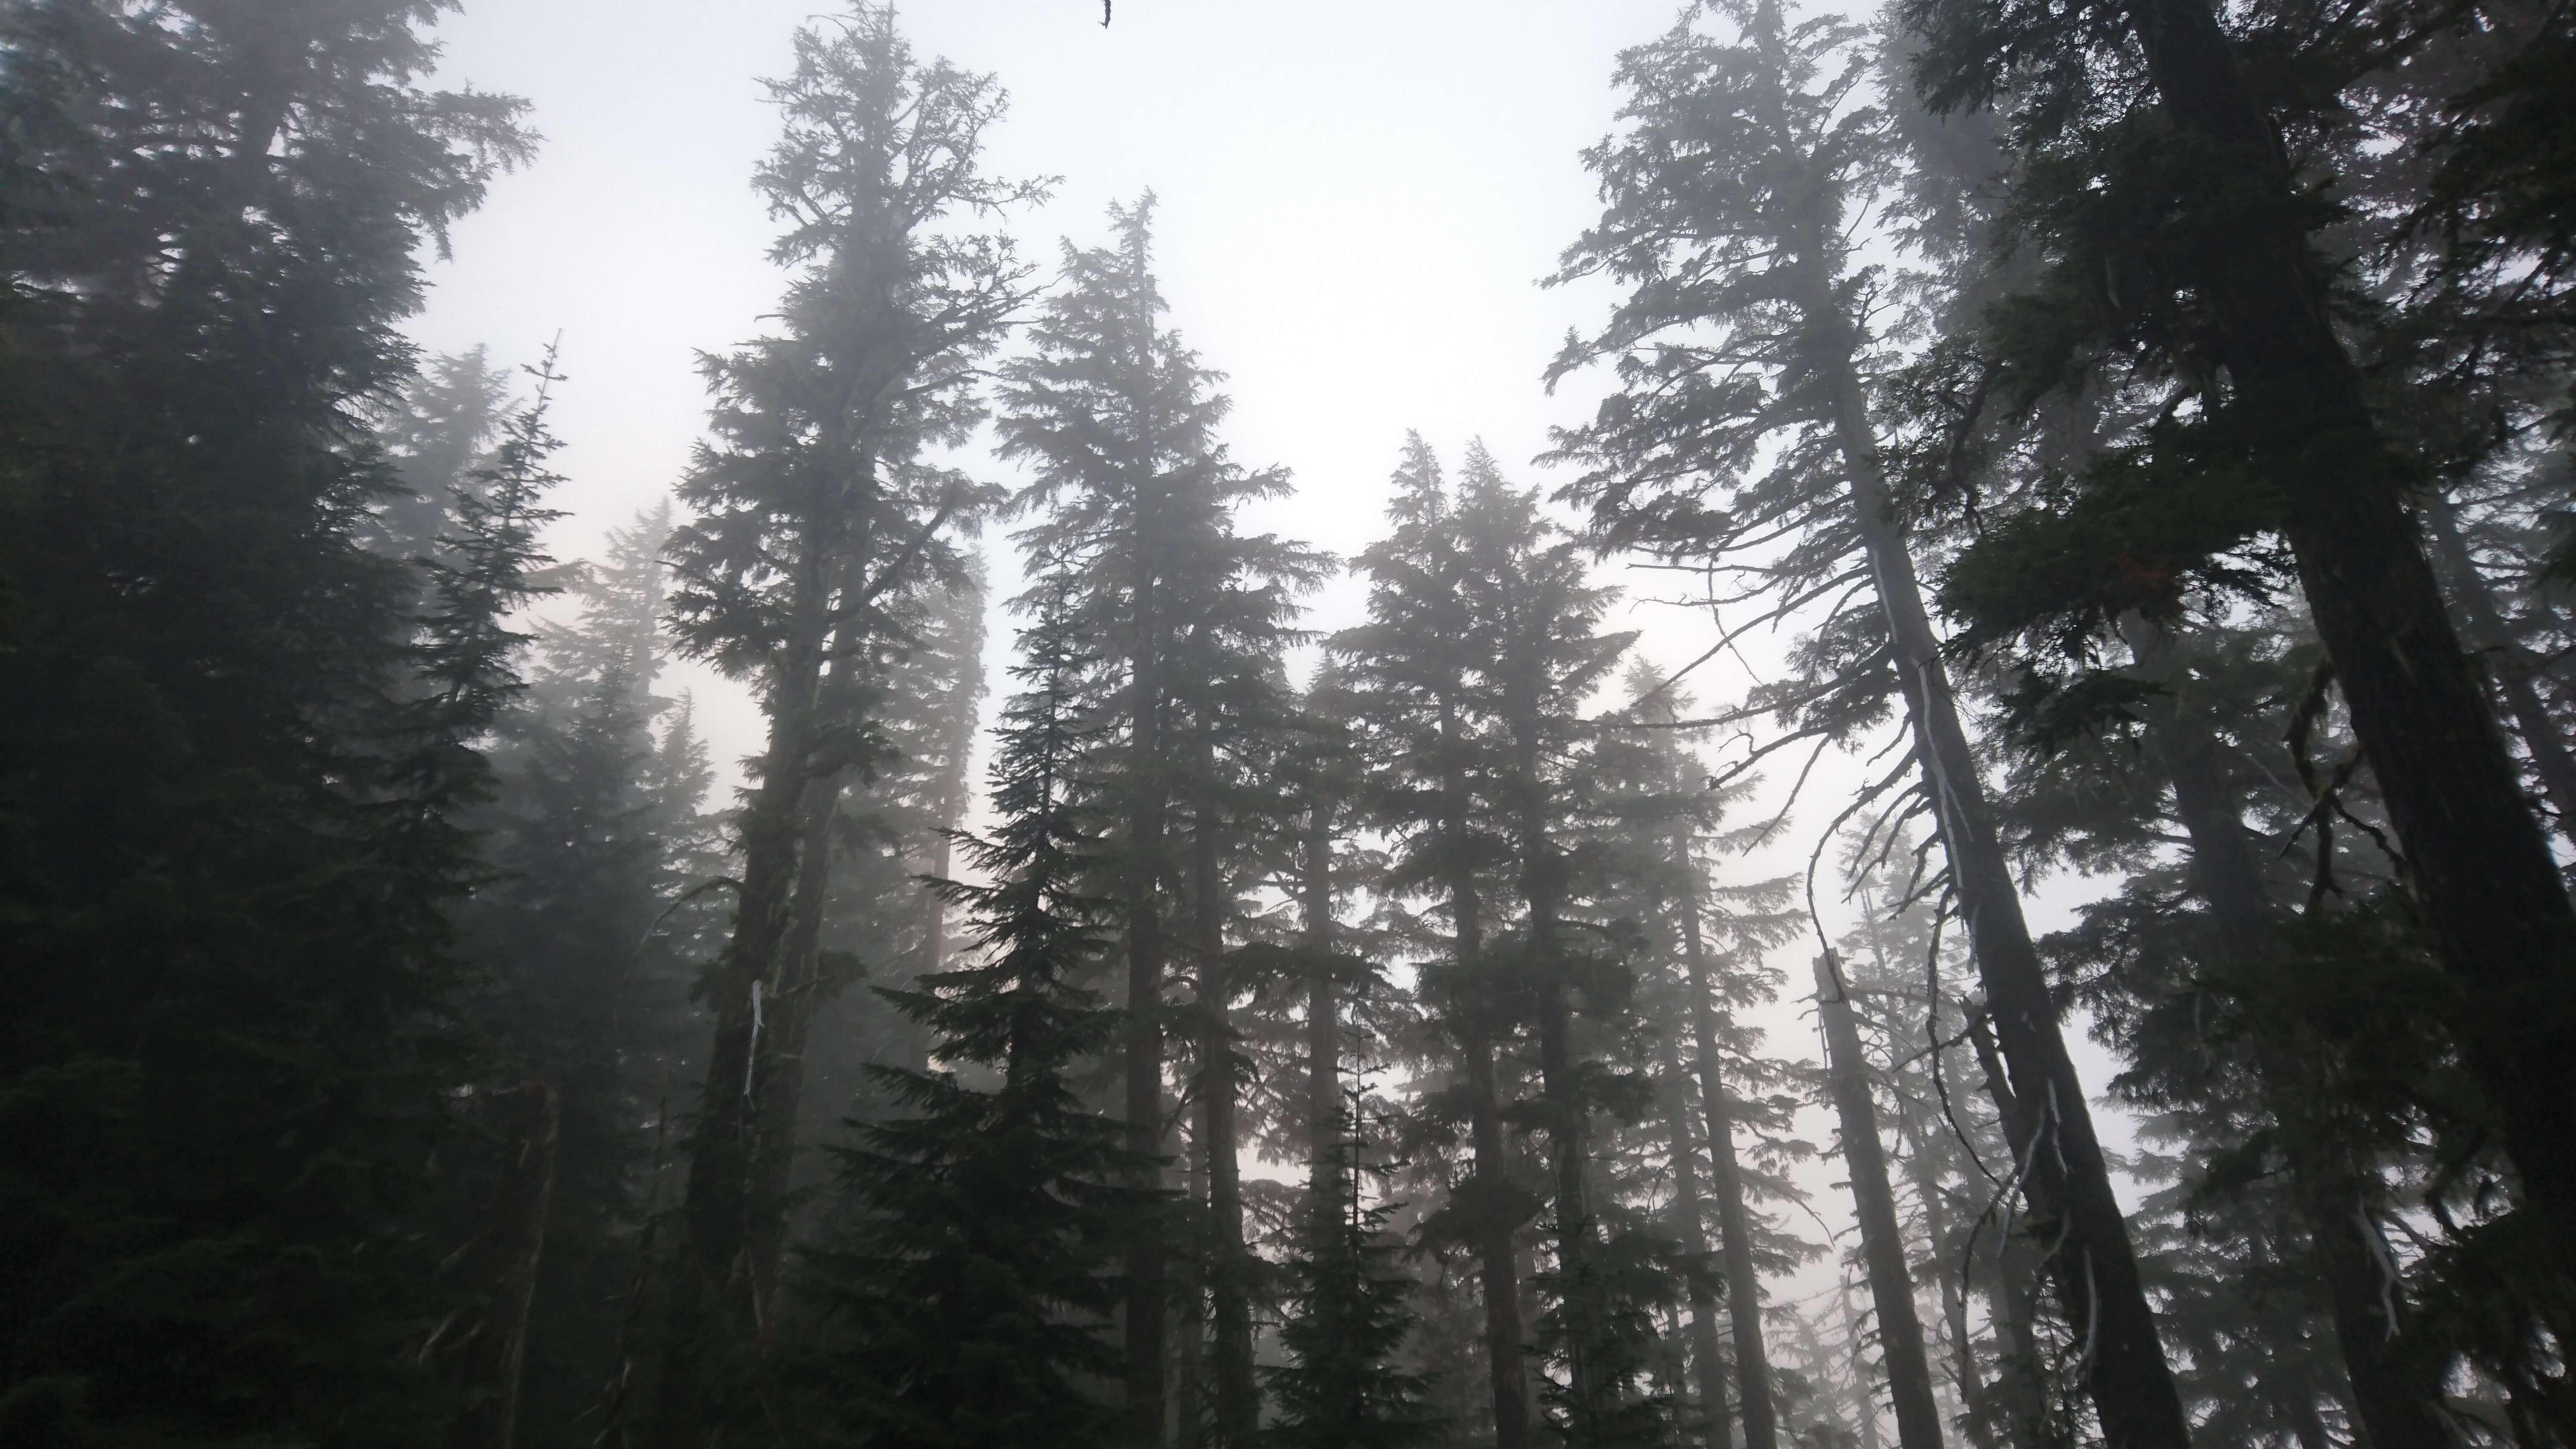 La brume matinale se dissipe déjà